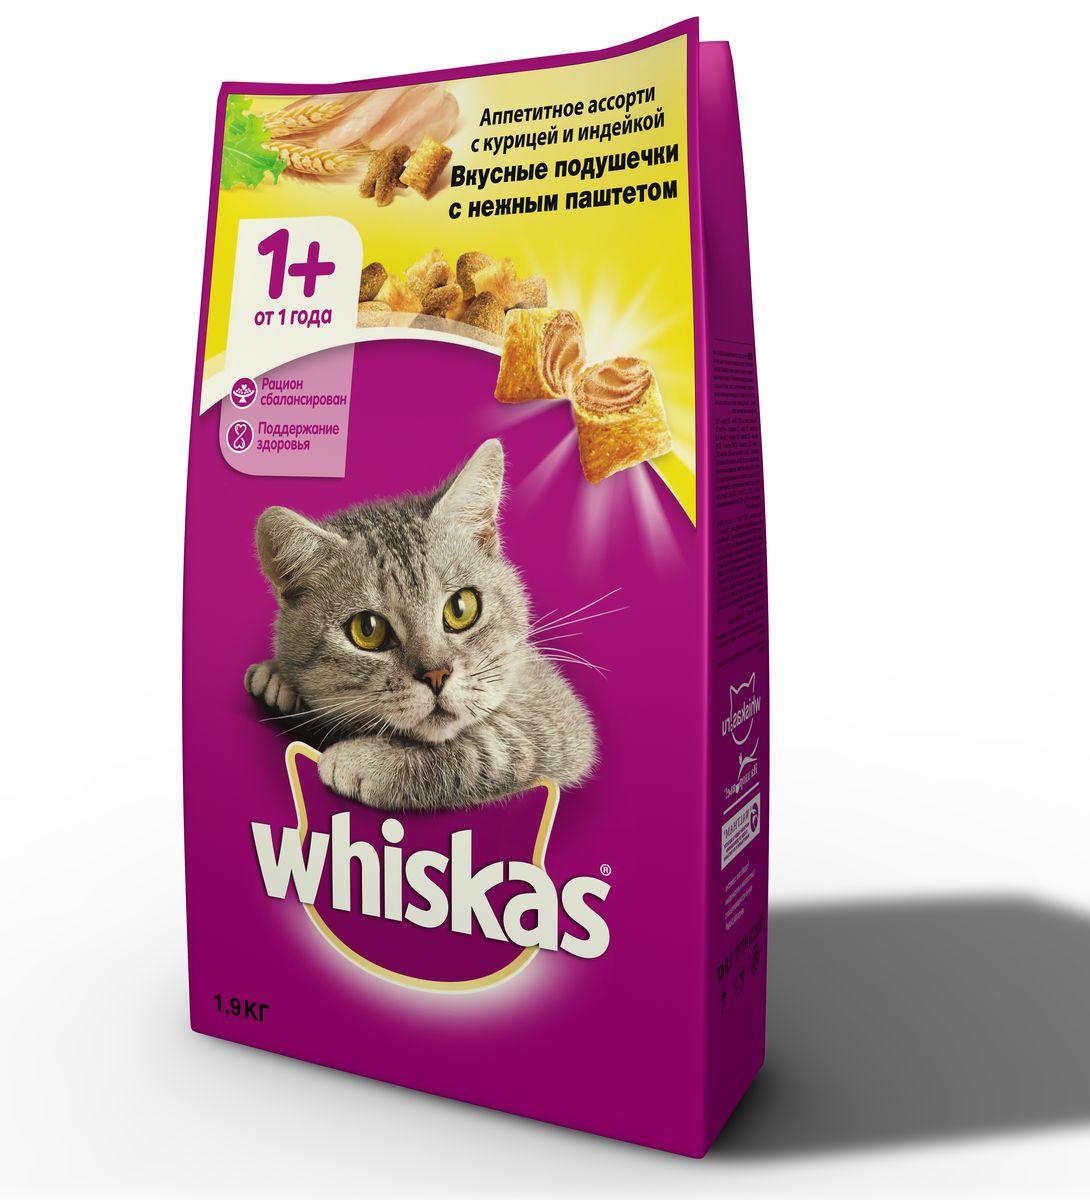 Корм сухой для кошек Whiskas Вкусные подушечки, с нежным паштетом, с курицей и индейкой, 1,9 кг41361Сухой корм Whiskas Вкусные подушечки предназначен для взрослых кошек. Он содержит специально разработанную комбинацию витаминов и антиоксидантов, поддерживающих иммунитет вашего любимца. Новый комплекс создан с учетом специфических особенностей физиологии кошек. Ежедневное употребление корма надолго сохранит жизненные силы, молодость и красоту вашего питомца, обеспечивая семь показателей здоровья. Особенности сухого корма Whiskas Вкусные подушечки: хорошее пищеварение за счет наличия в составе корма пищевых волокон и легкоусвояемых углеводов высококачественные белки обеспечивают энергию и силу витамины и минералы для правильного обмена веществ жирные кислоты (омега-6) делают шерсть красивой и здоровой крепкие кости и зубы благодаря кальцию, фосфору и витамину D3 таурин обеспечивает здоровое сердце и отличное зрение баланс минералов поддерживает здоровье мочевыводящей системы не содержит сои, искусственных ароматизаторов и усилителей вкуса. Состав: пшеничная мука, мука животного происхождения: мука из птицы, мука из утки, мука из индейки (курицы, утки, индейки не менее 4% в красно-коричневых гранулах), растительные белковые экстракты, злаки, животные жиры и растительное масло, высушенная куриная и свиная печень, пивные дрожжи, свекольный жом, морковь, минеральные и витаминные смеси. Товар сертифицирован.